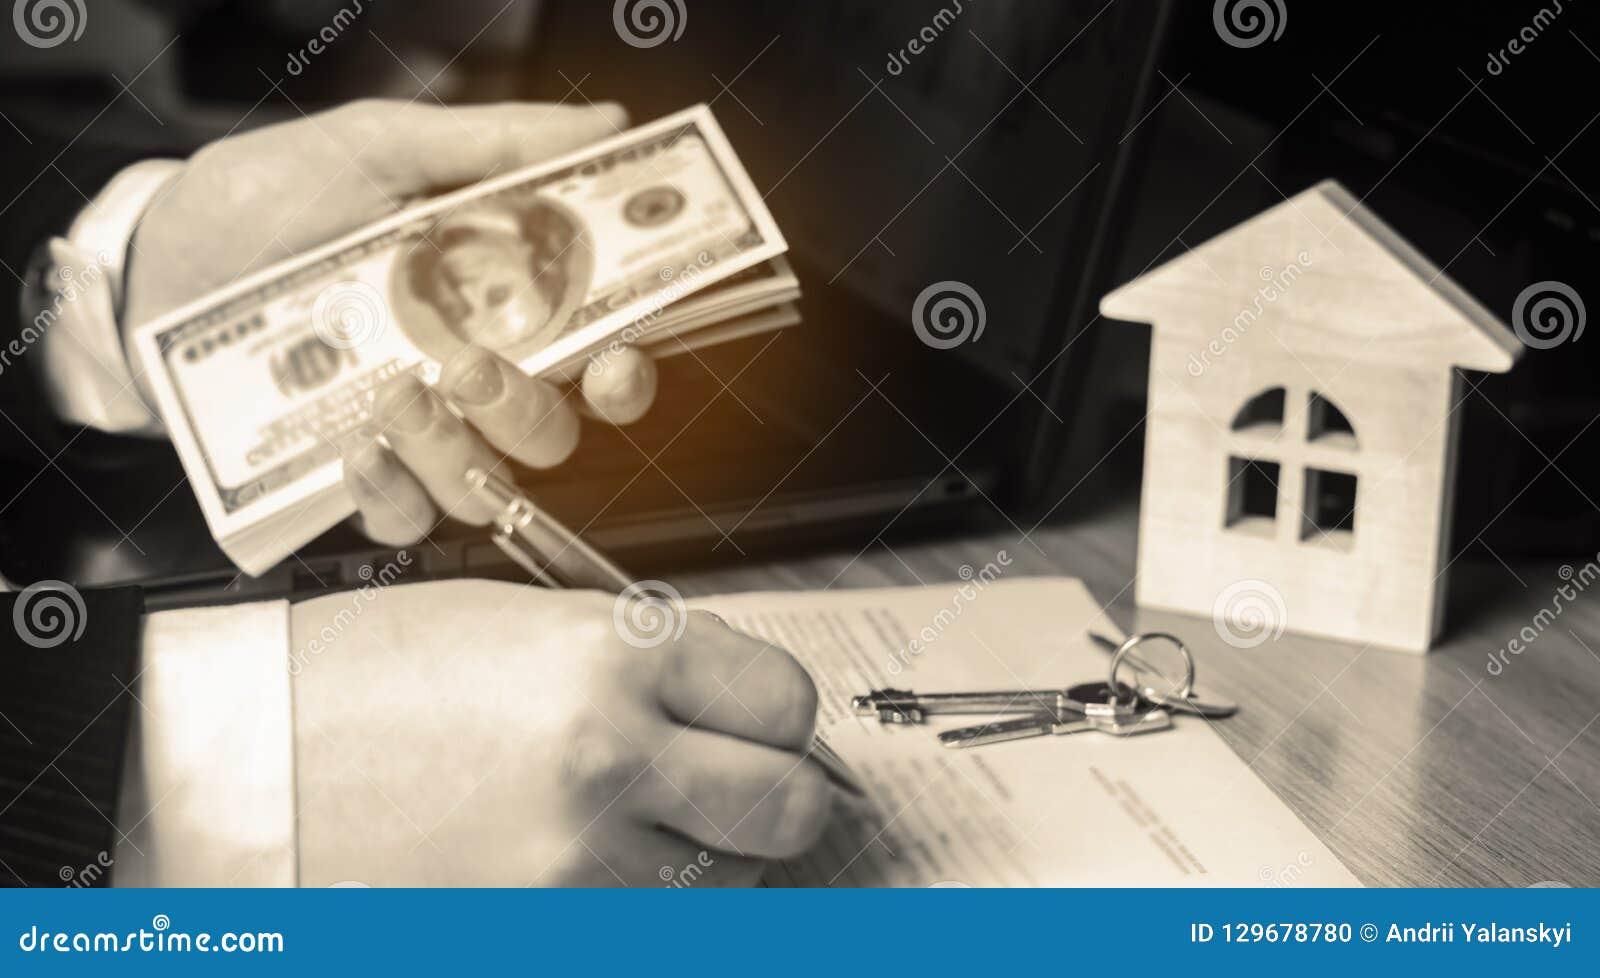 实际概念的庄园 买卖家 租公寓 物产销售  税的抵押和付款 债务和贷款 Pur